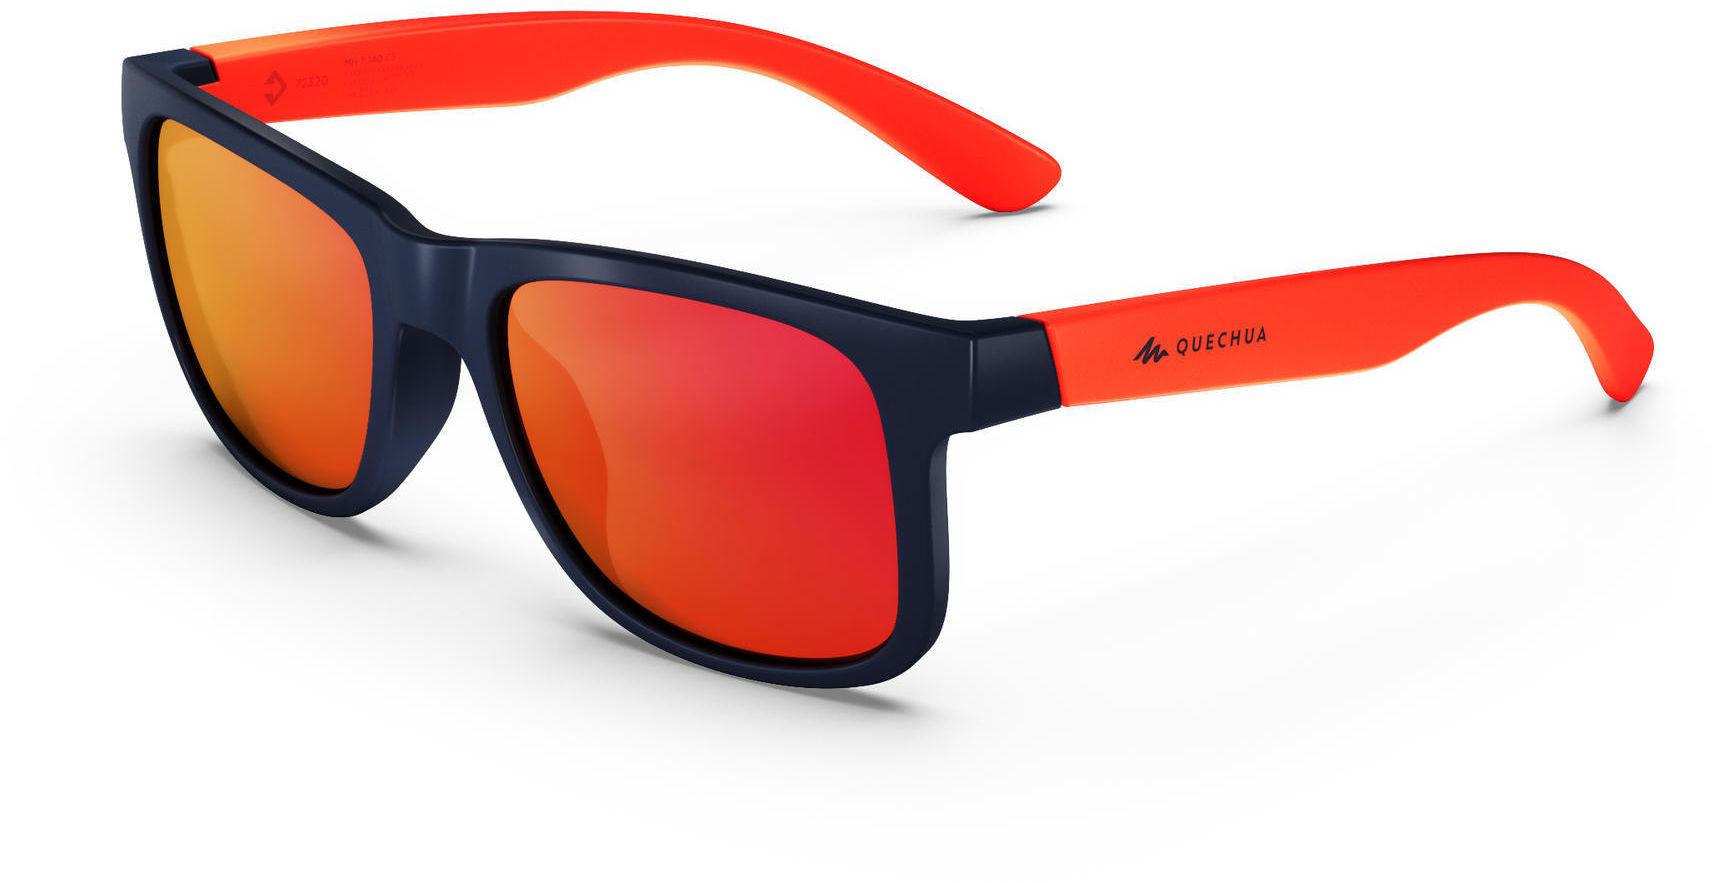 Okulary przeciwsłoneczne turystyczne - MH T140 dla dzieci > 10 lat - kat. 3